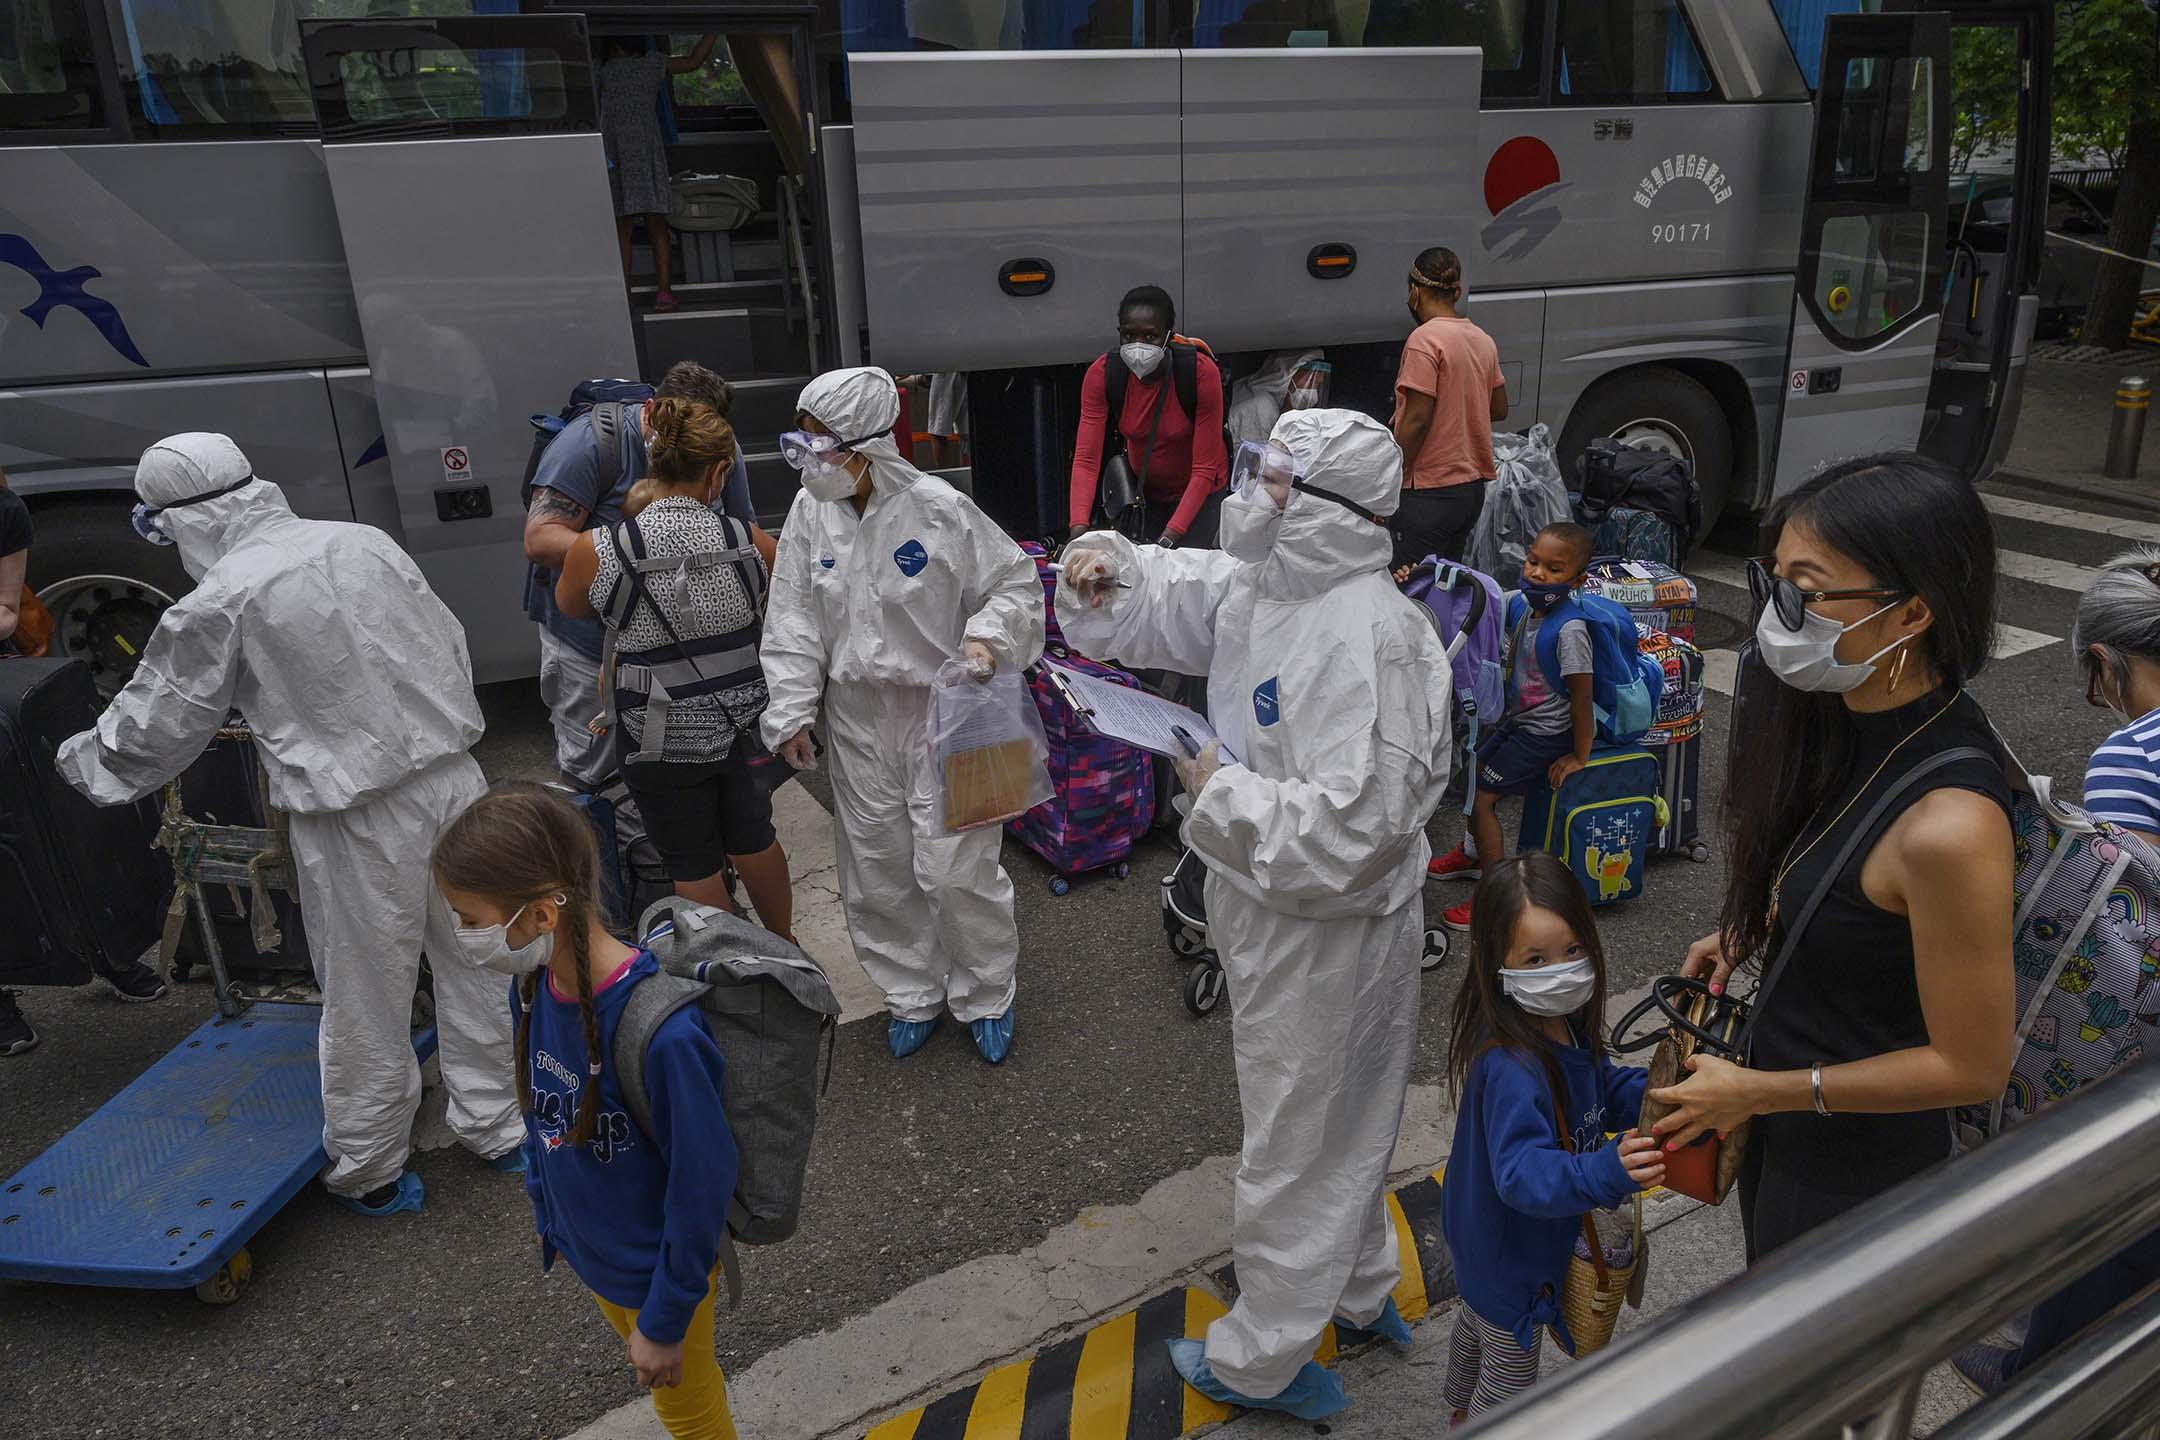 2020年6月29日中國北京,外國居民抵達北京後,必須完成14天的隔離,中國防疫工作人員穿著防護服工作。 攝:Kevin Frayer/Getty Images